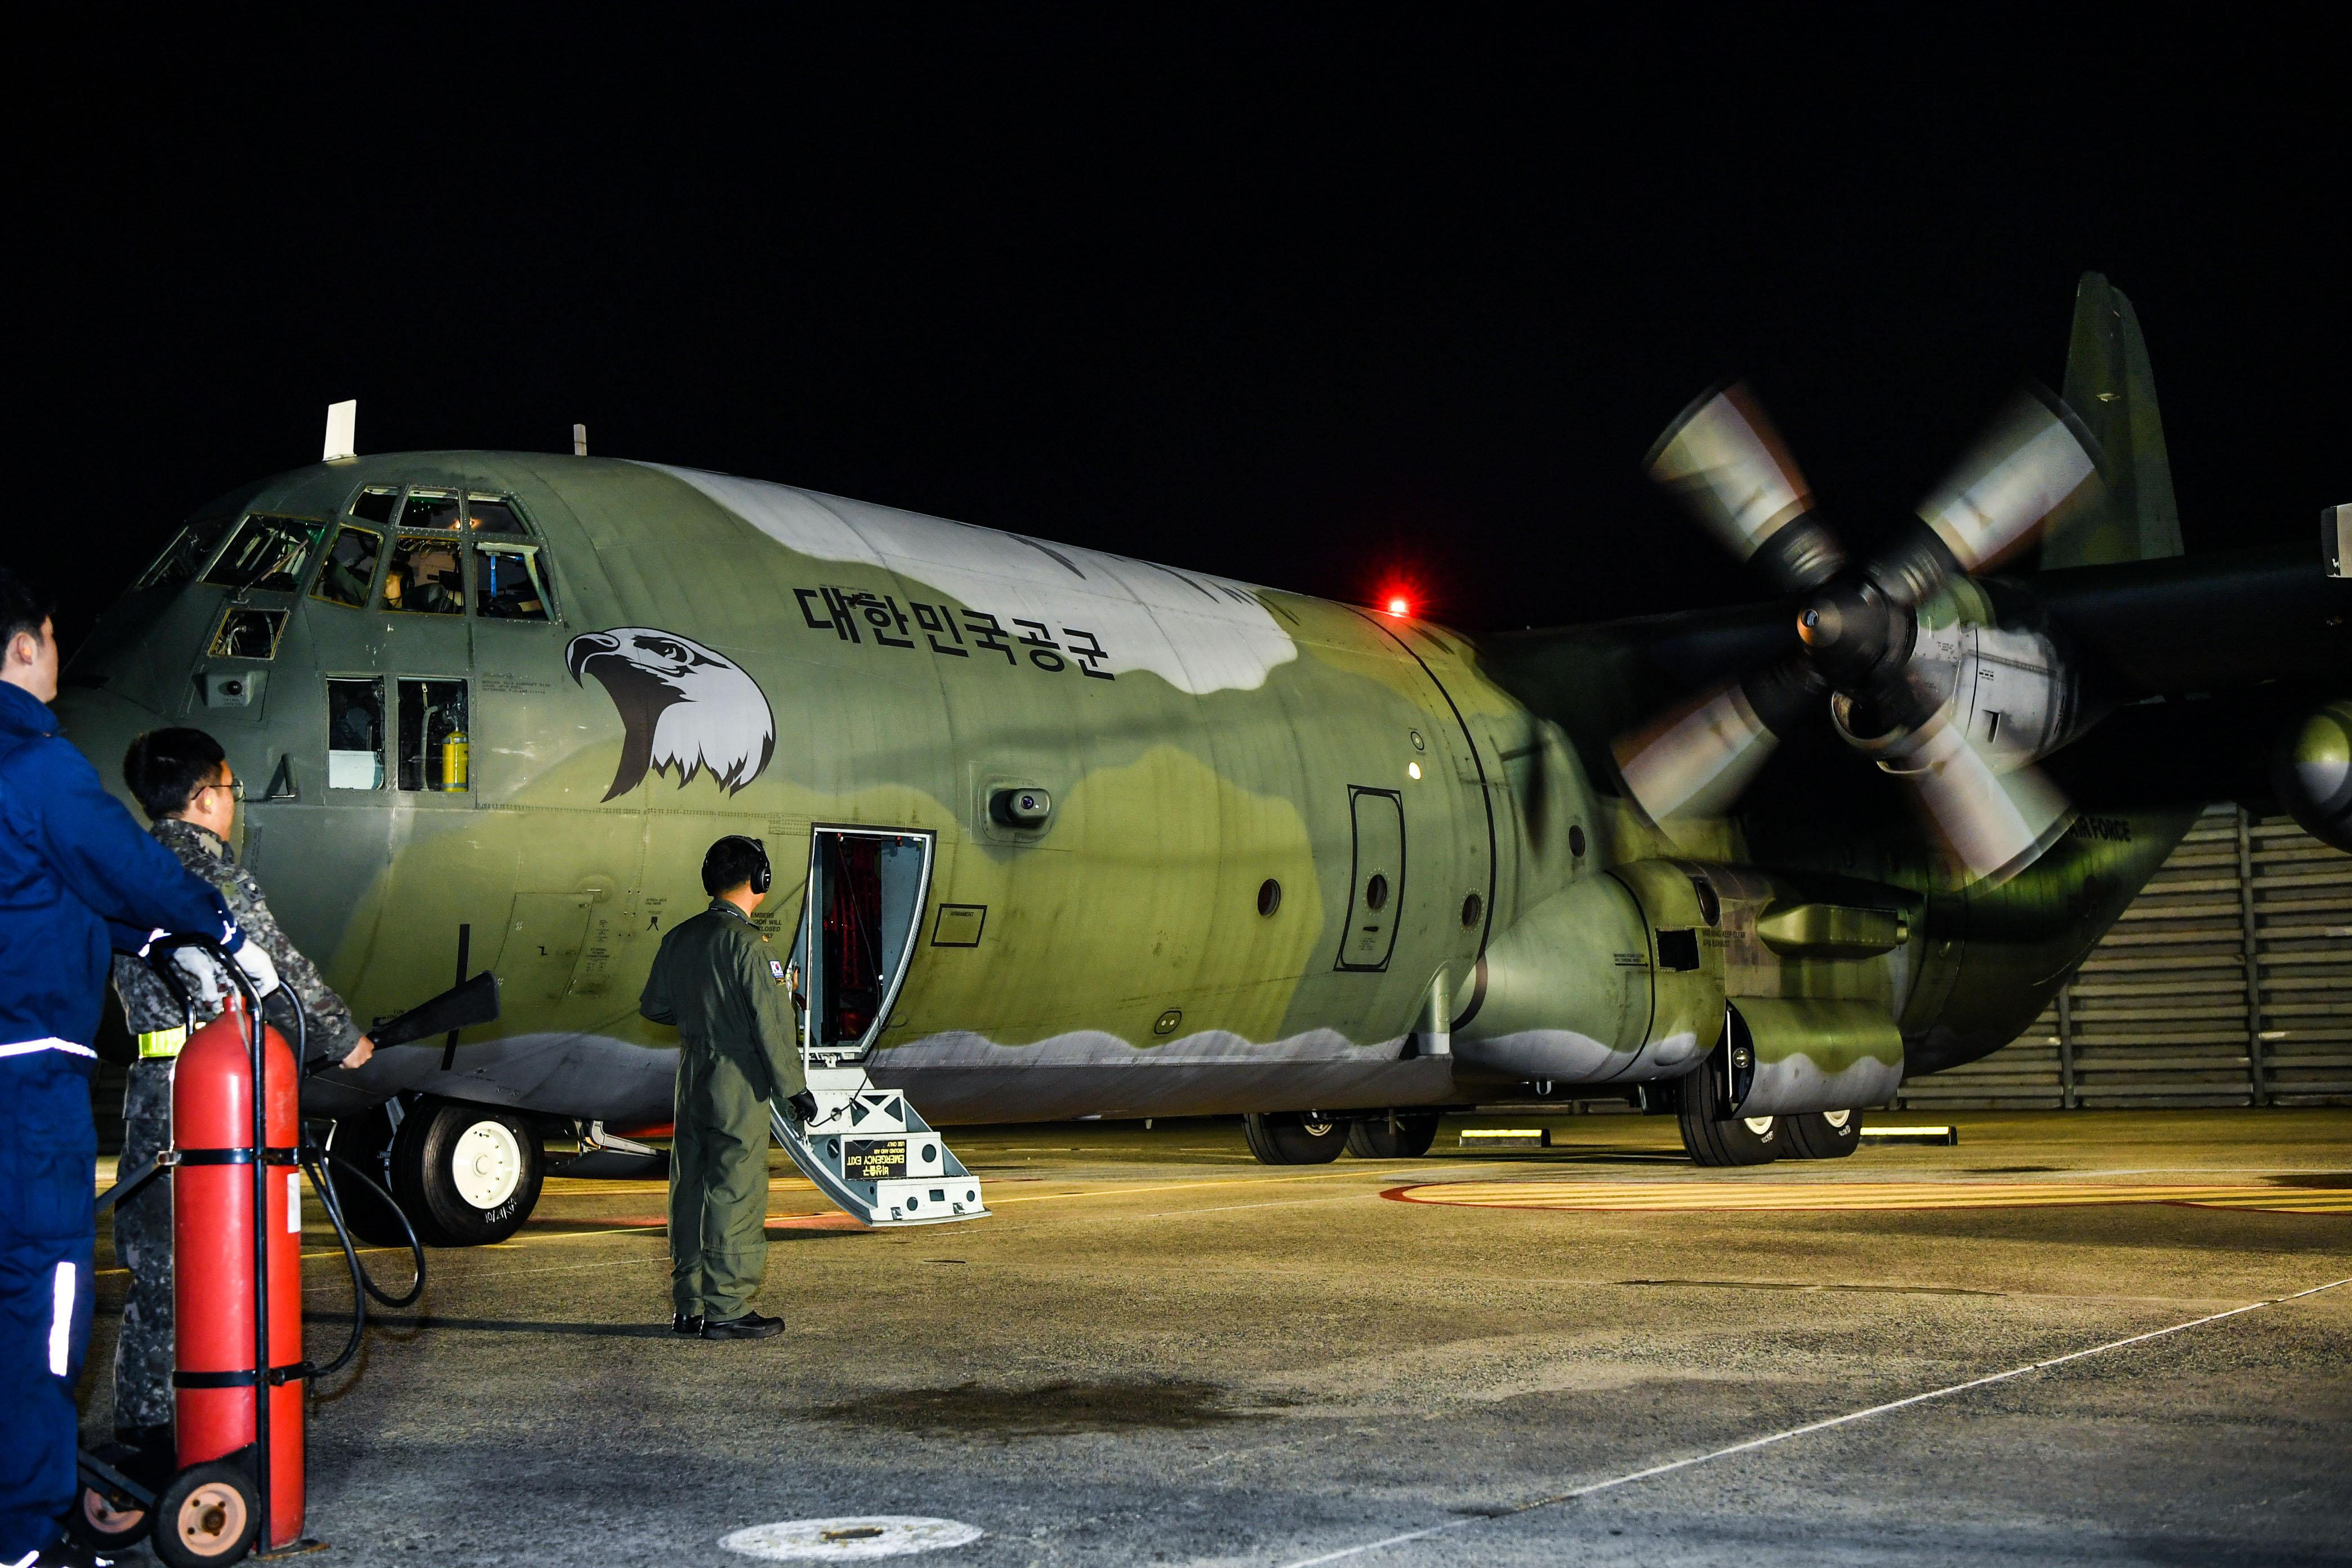 지난 27일 새벽 부산 김해국제공항에서 군 수송기가 태풍 '위투'로 사이판에서 발이 묶인 교민 및 관광객 긴급 수송을 위해 이륙을 준비하고 있다.